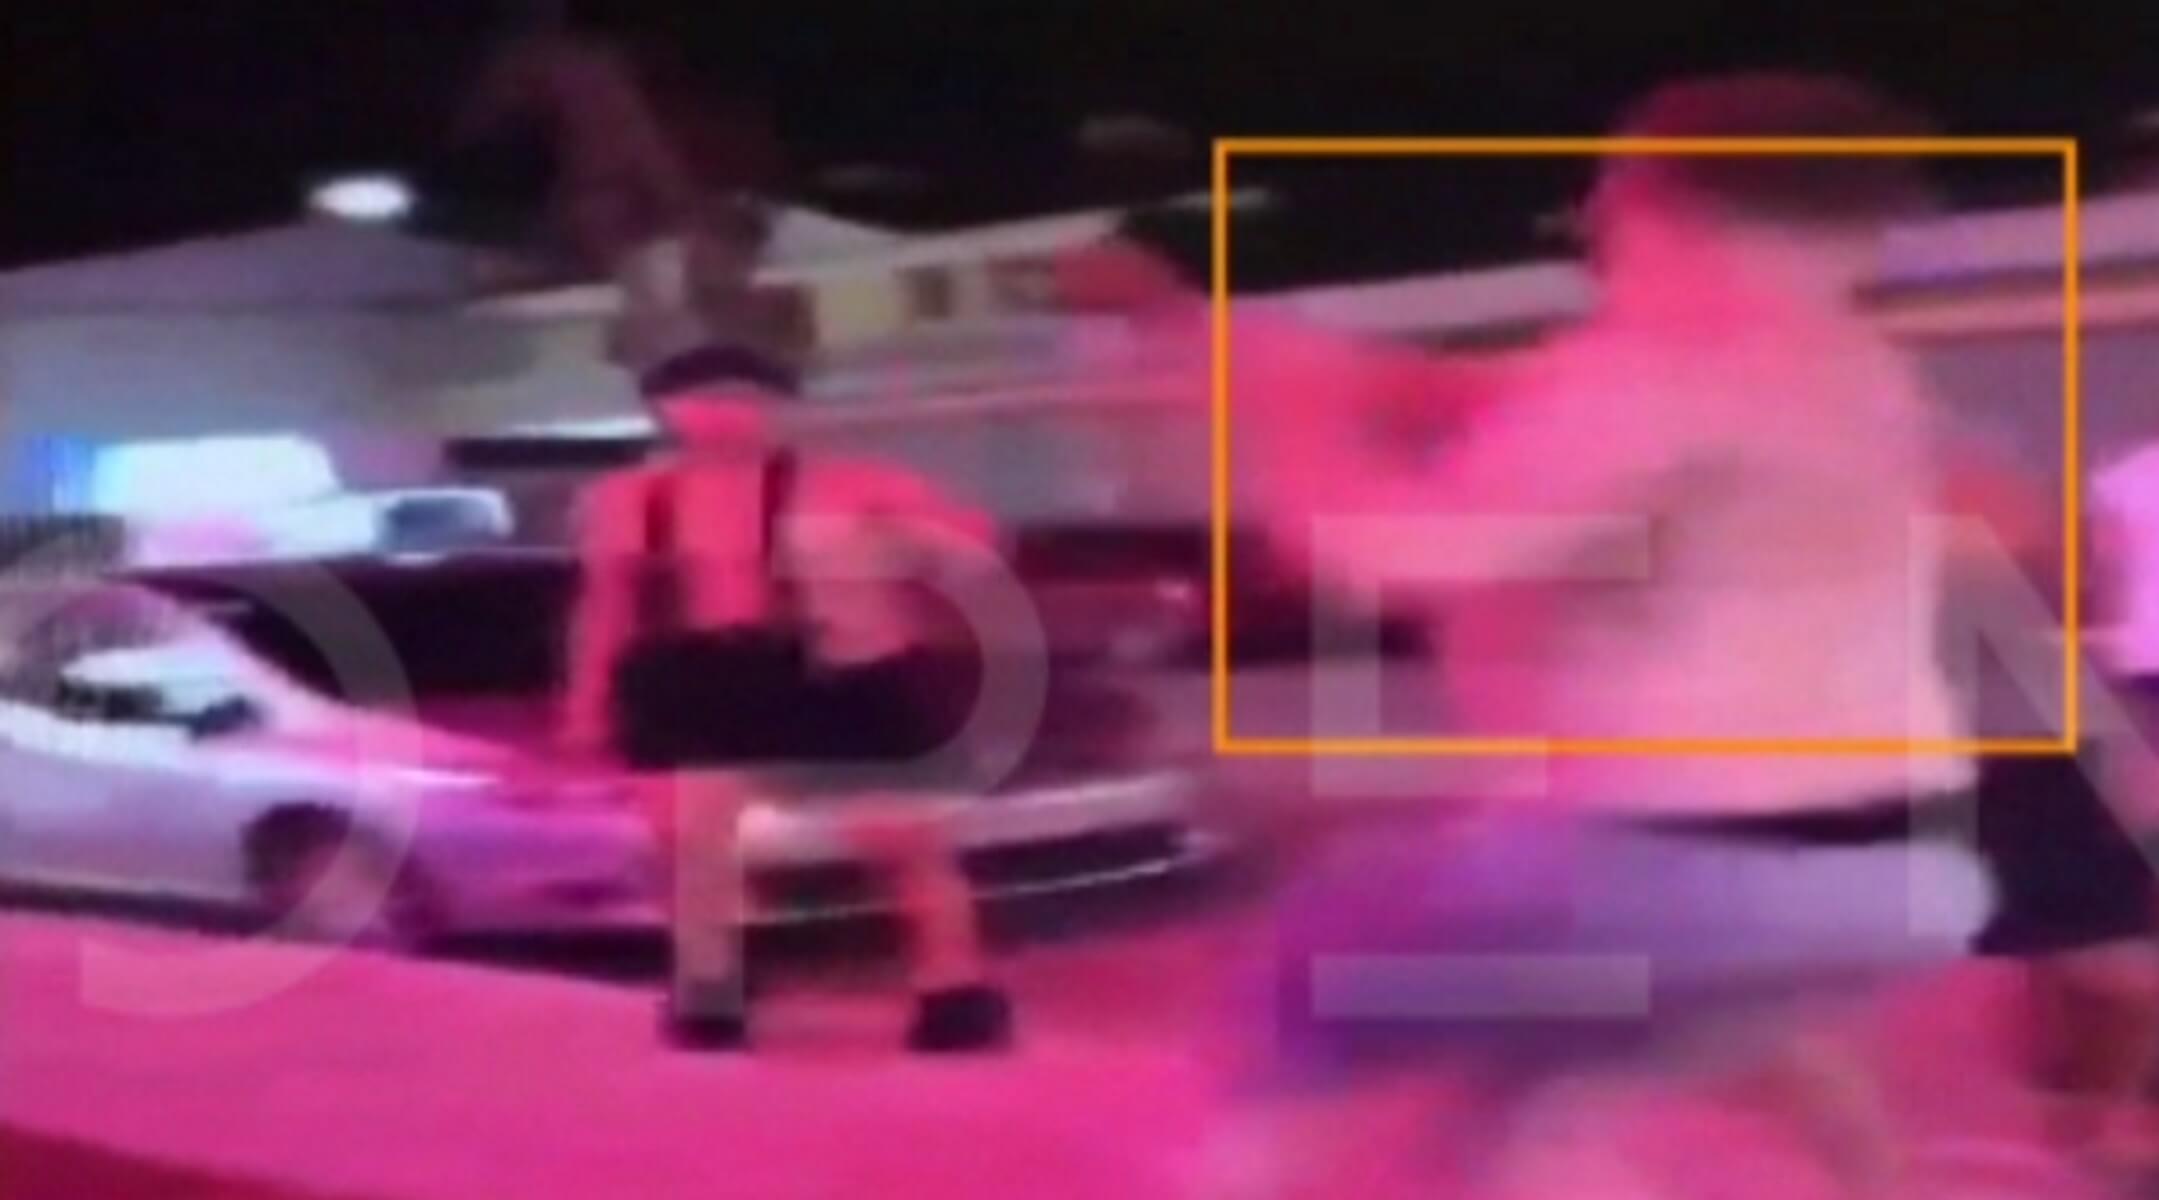 Βίντεο - Ντοκουμέντο! Η στιγμή της επίθεσης στο Λαγανά! Χαροπαλεύει ο 35χρονος πατέρας